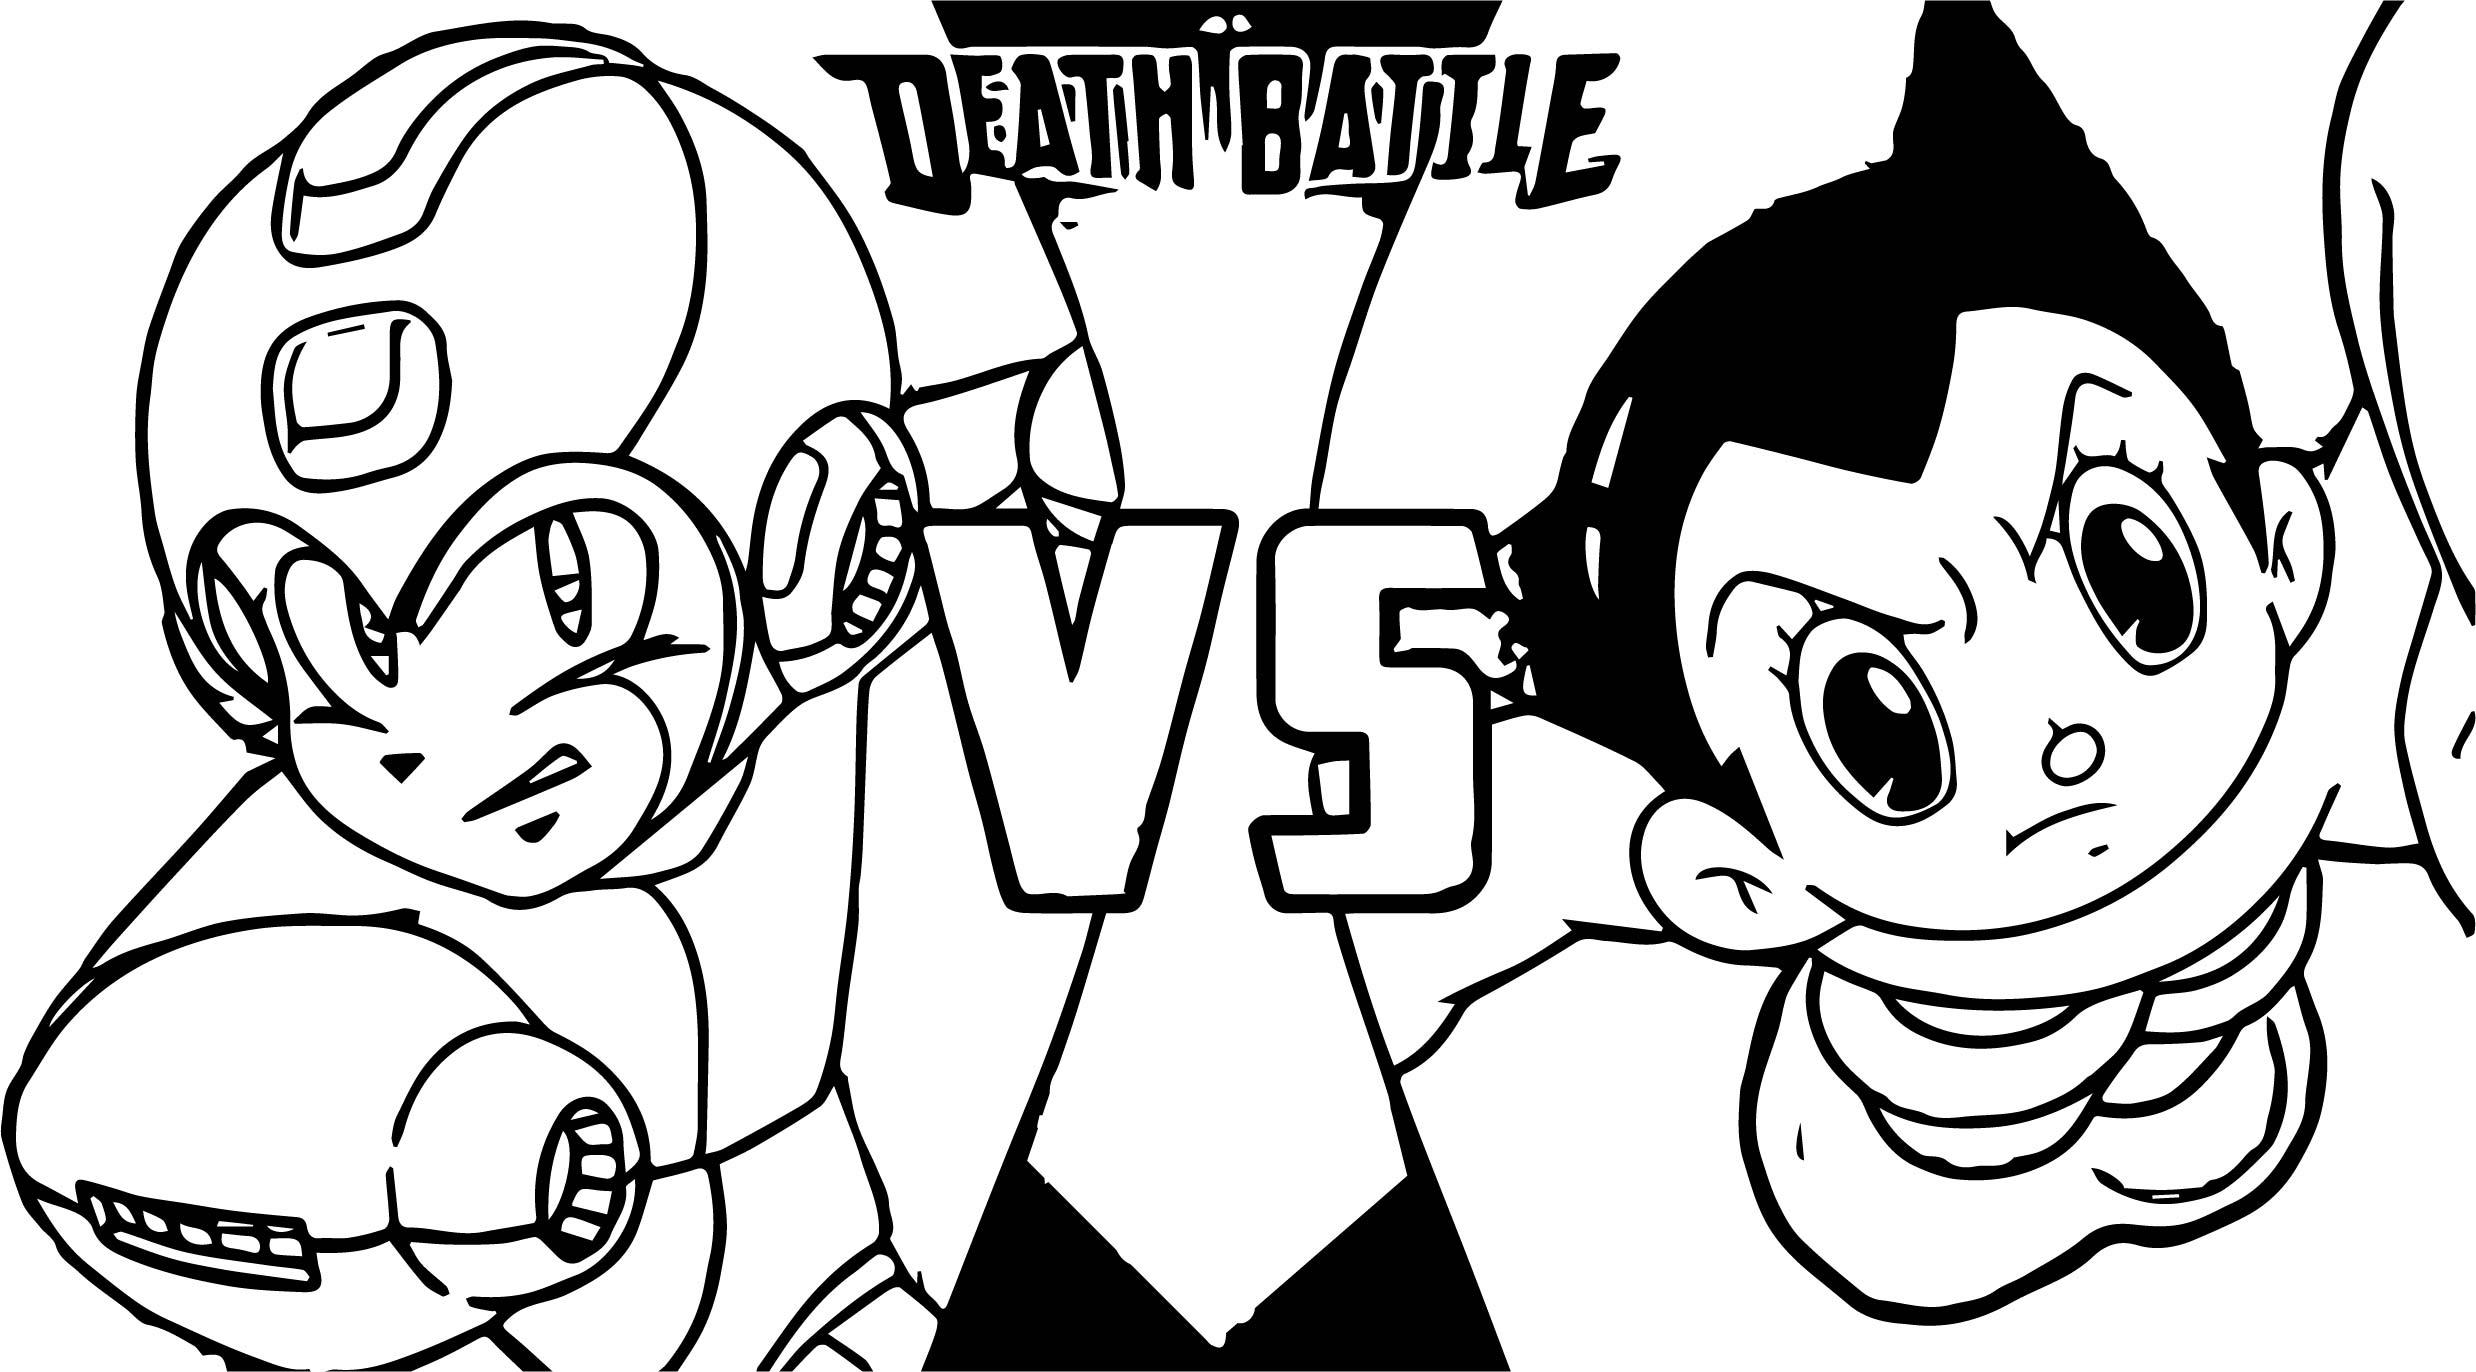 Astro Boy Death Battle Coloring Page